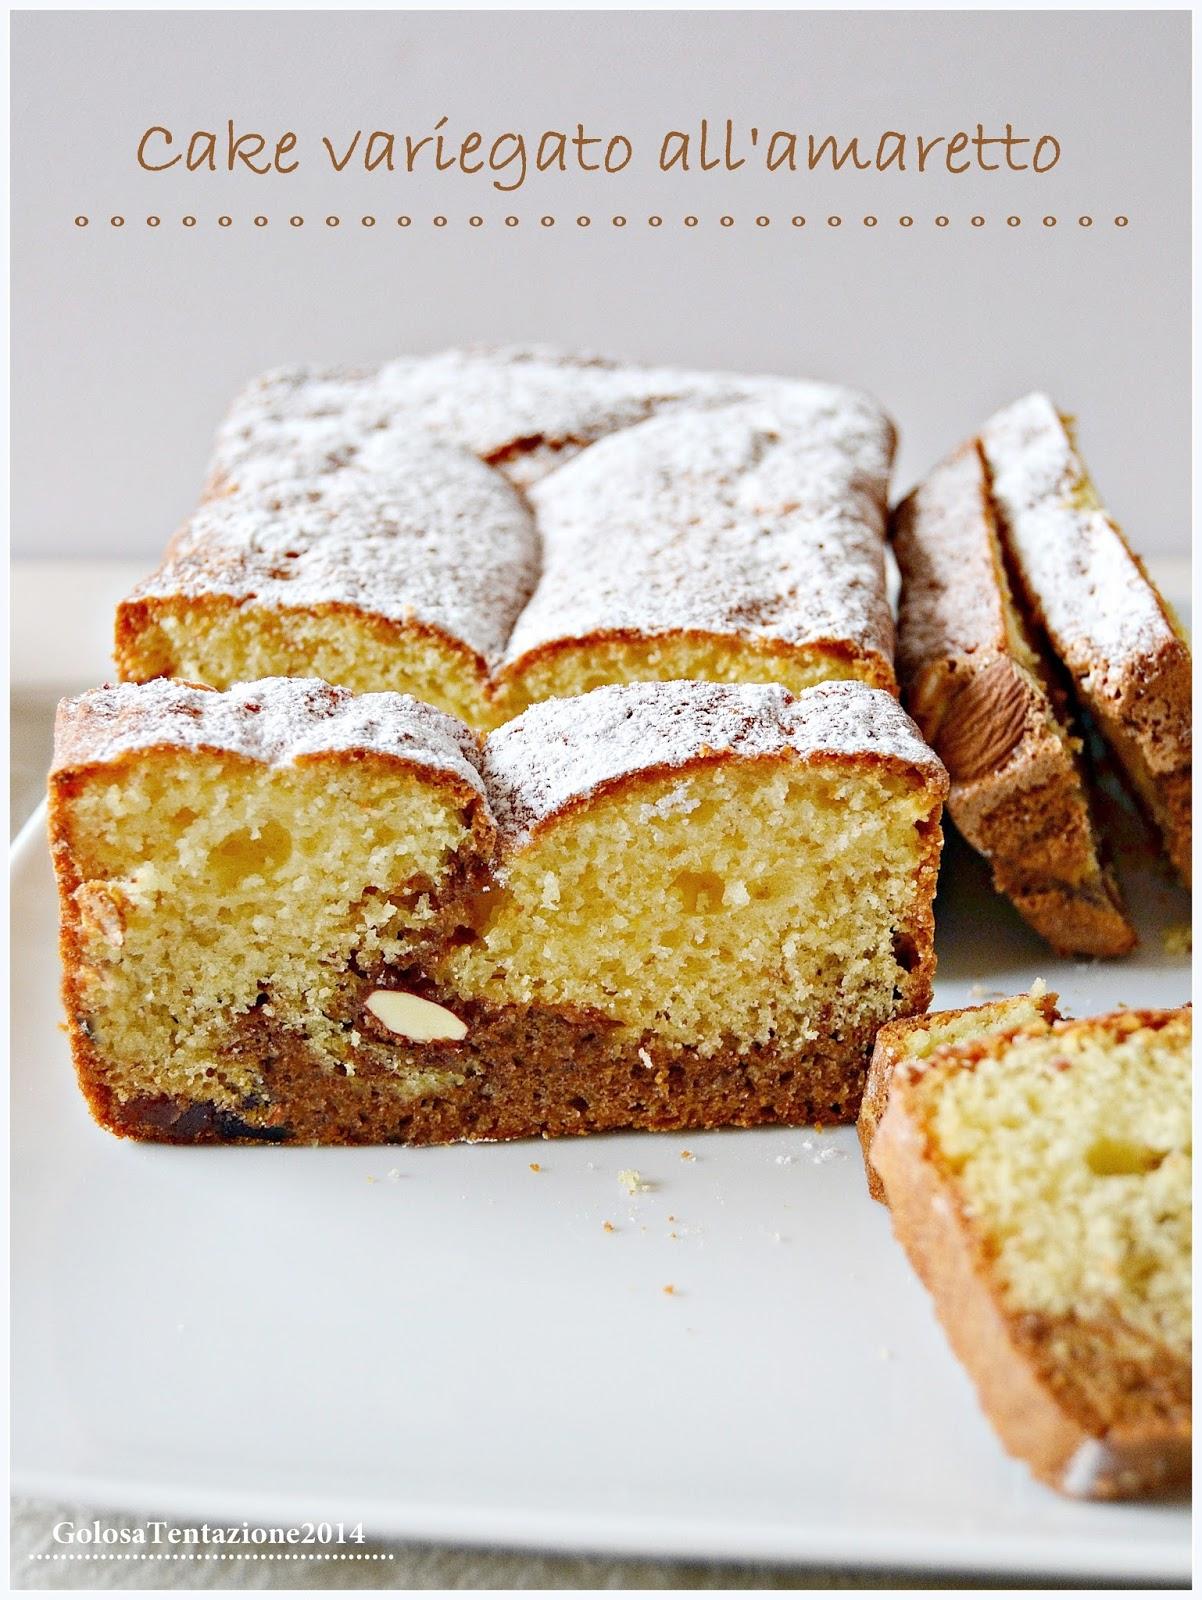 cake variegato all'amaretto